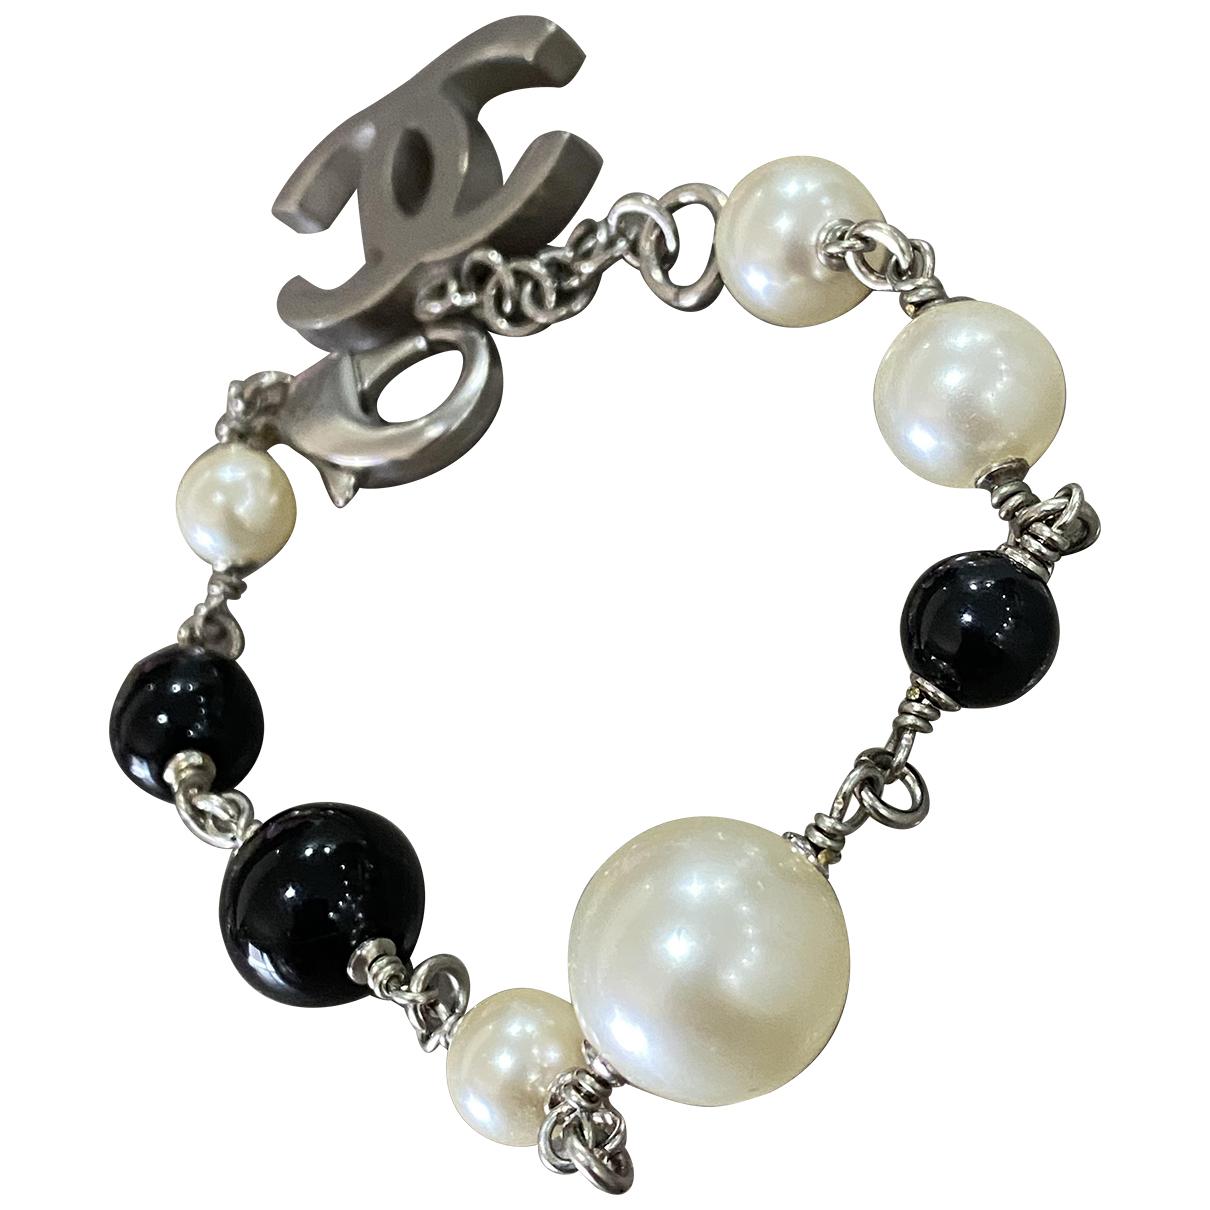 Chanel \N Silver Metal bracelet for Women \N